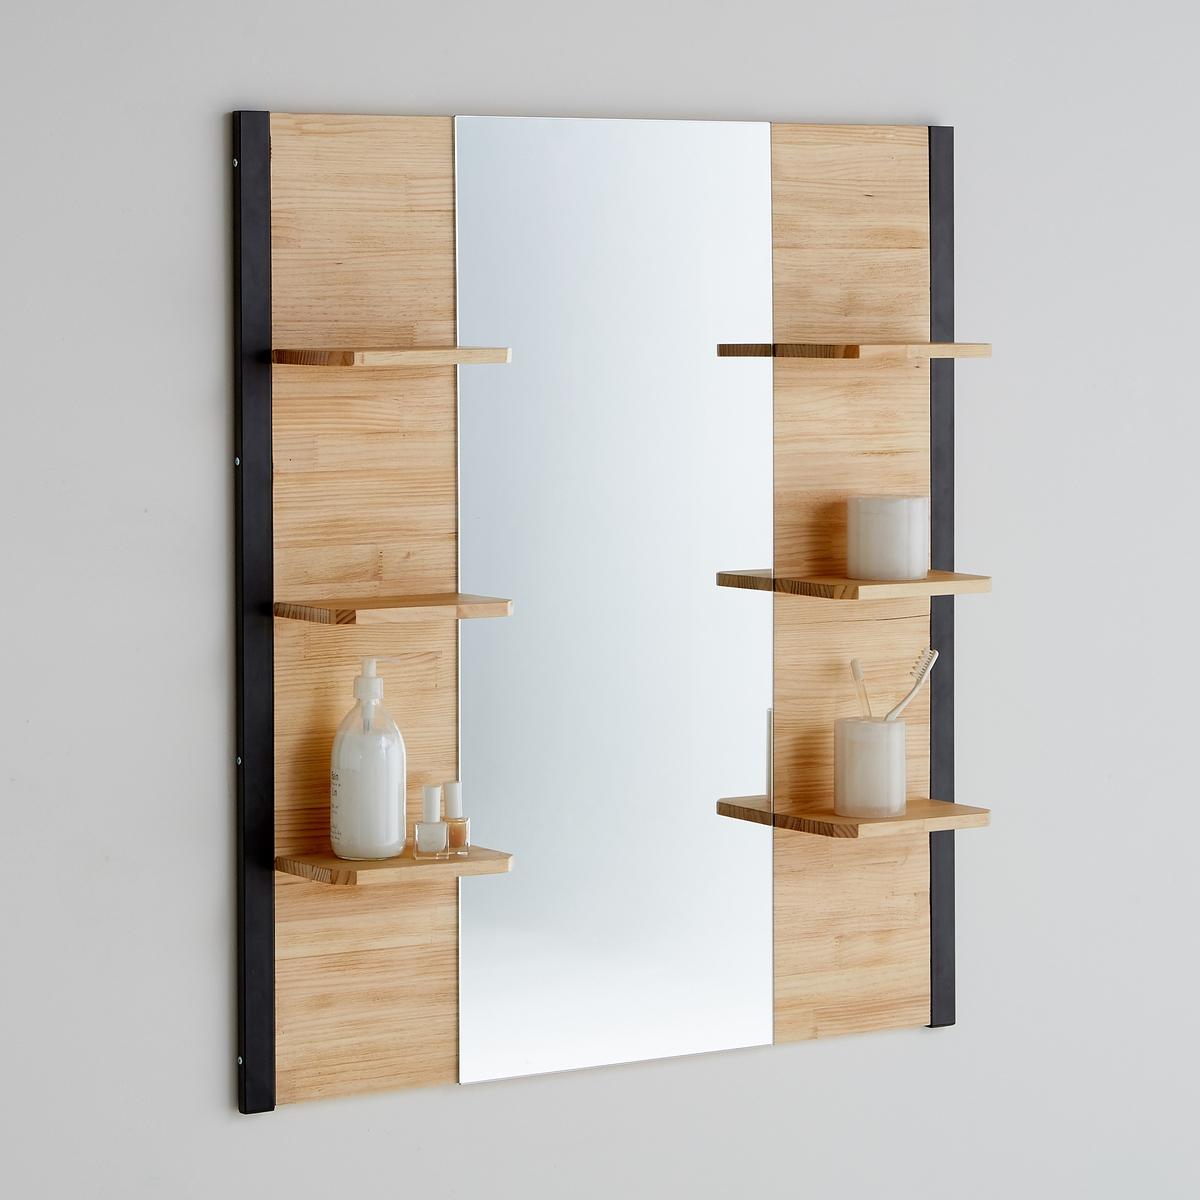 Зеркало для ванной комнаты из массива сосны и металла, Hiba